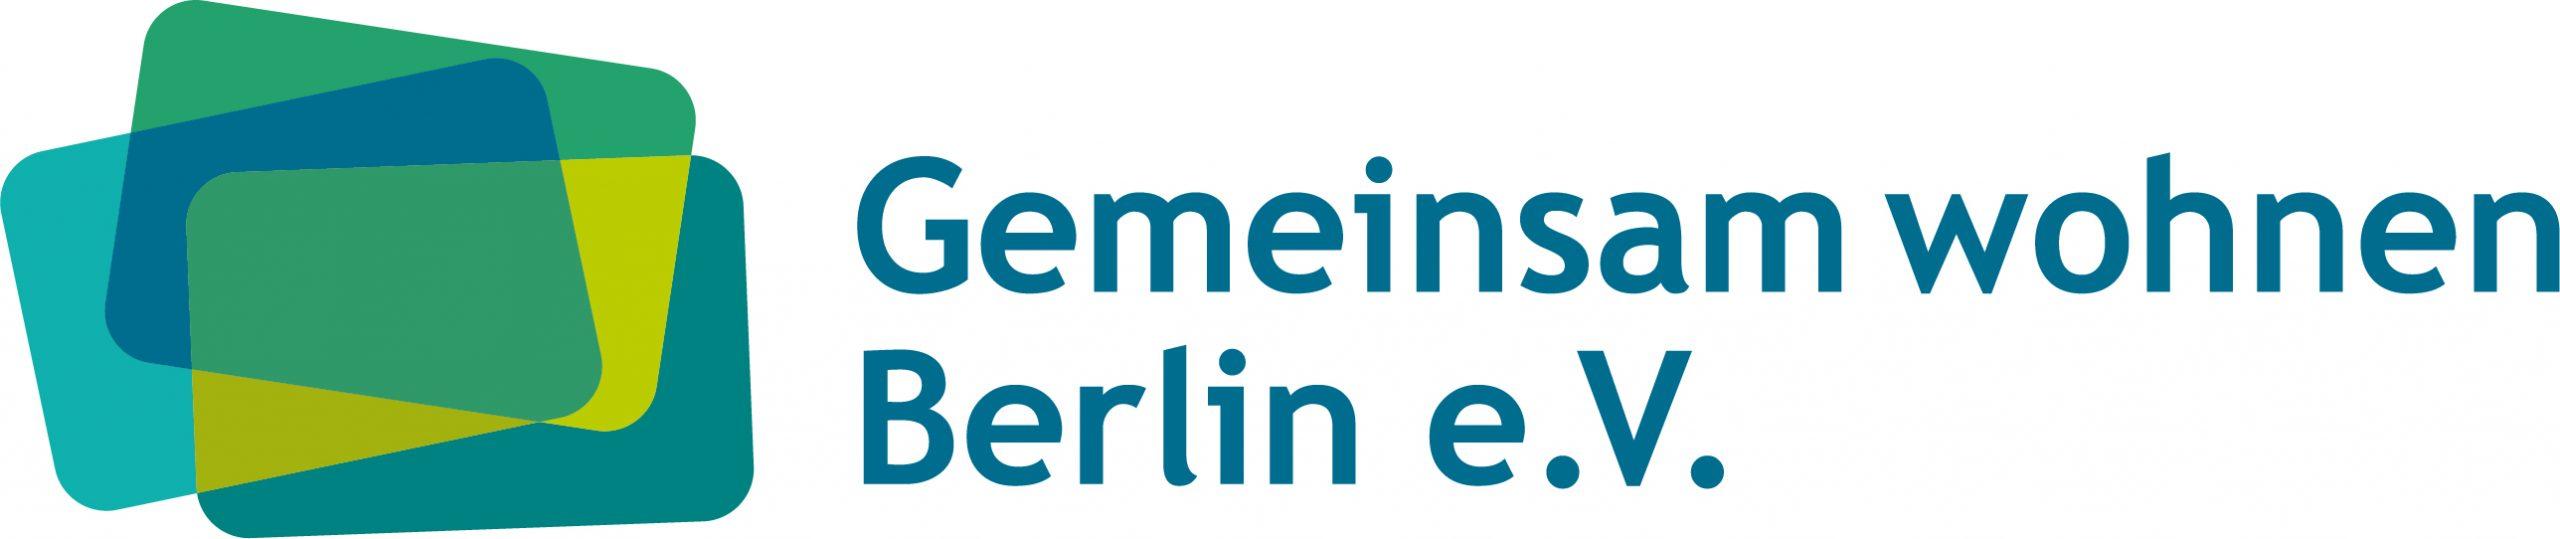 Gemeinsam wohnen Berlin e.V.